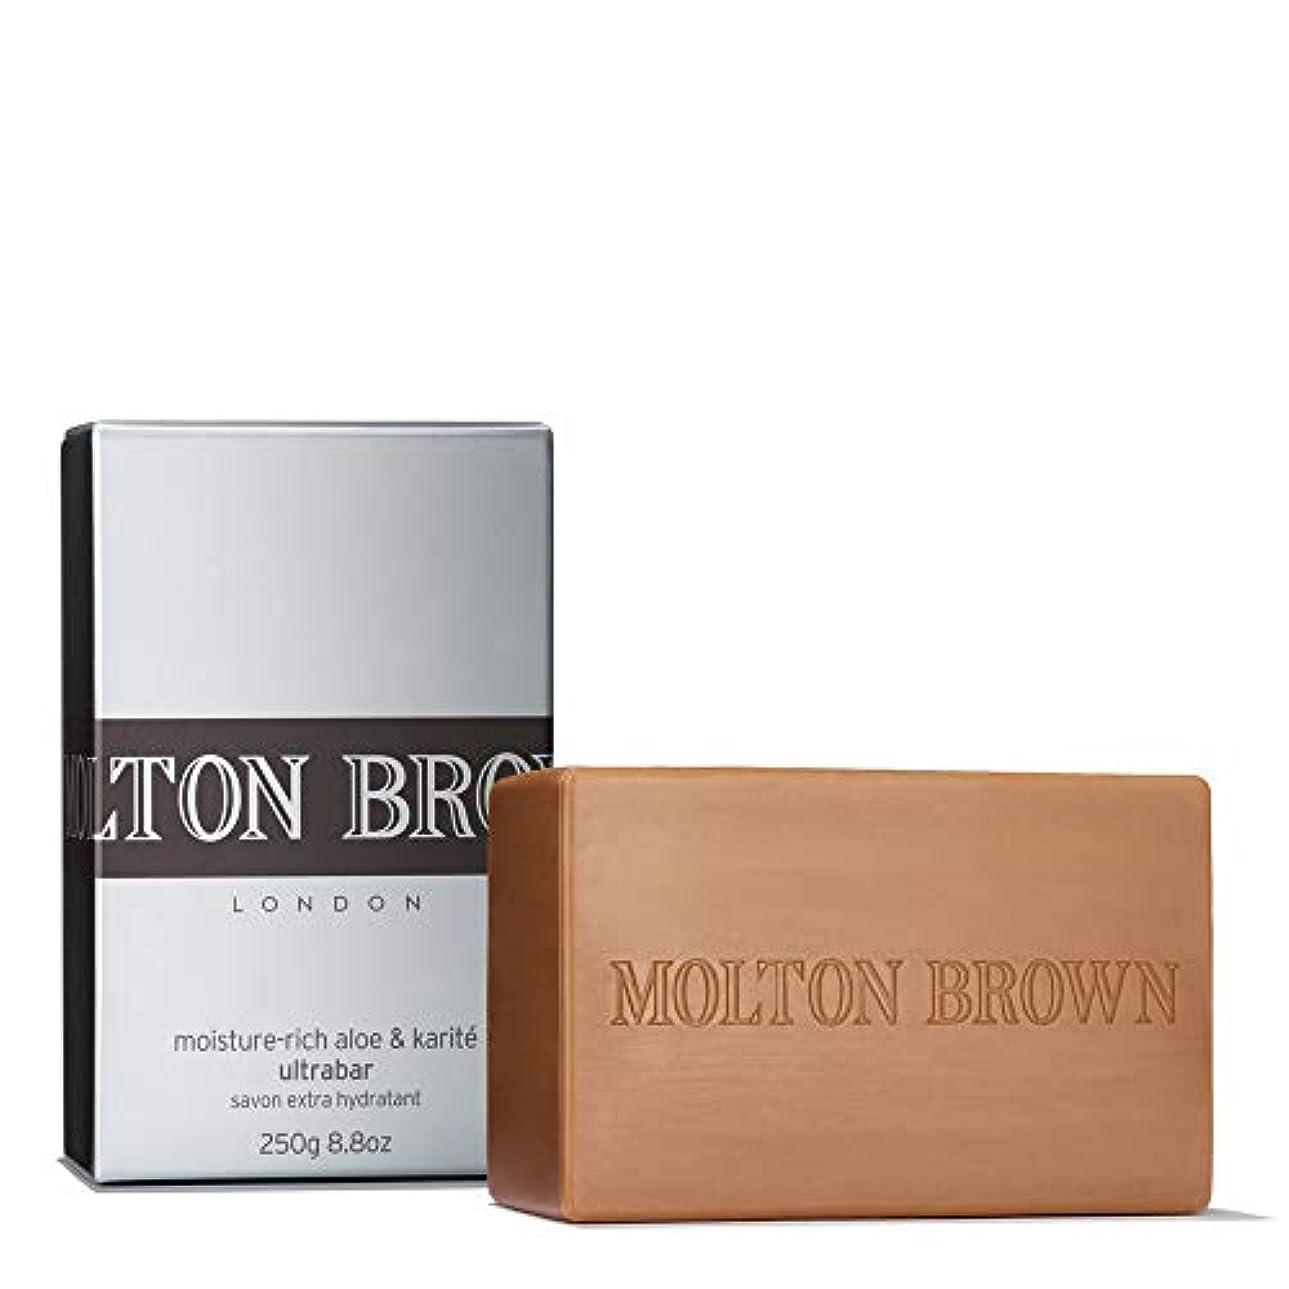 デンプシーボルト表現MOLTON BROWN(モルトンブラウン) モイスチャーリッチ アロエ&カリテ ウルトラバー